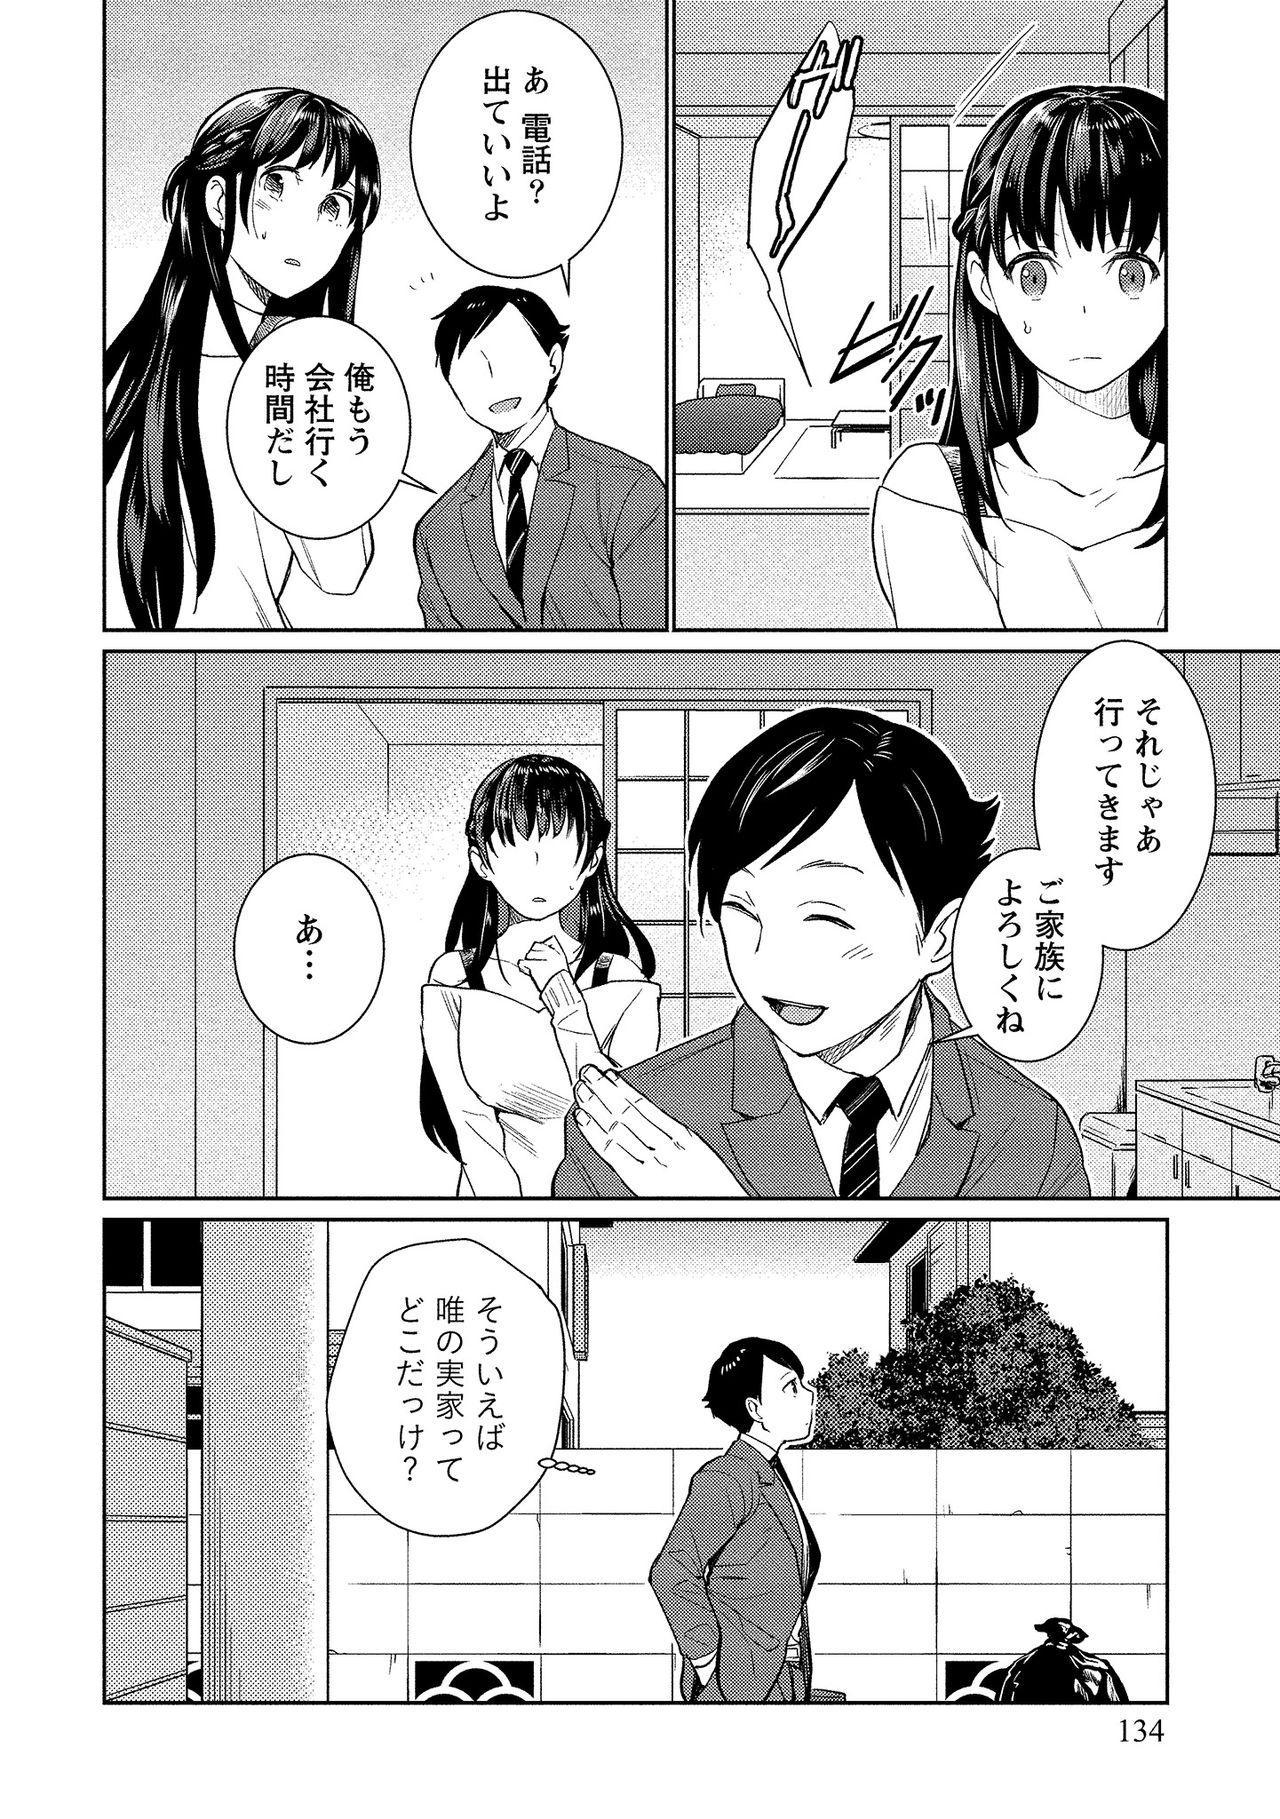 Dorobou Neko wa Kanojo no Hajimari 134